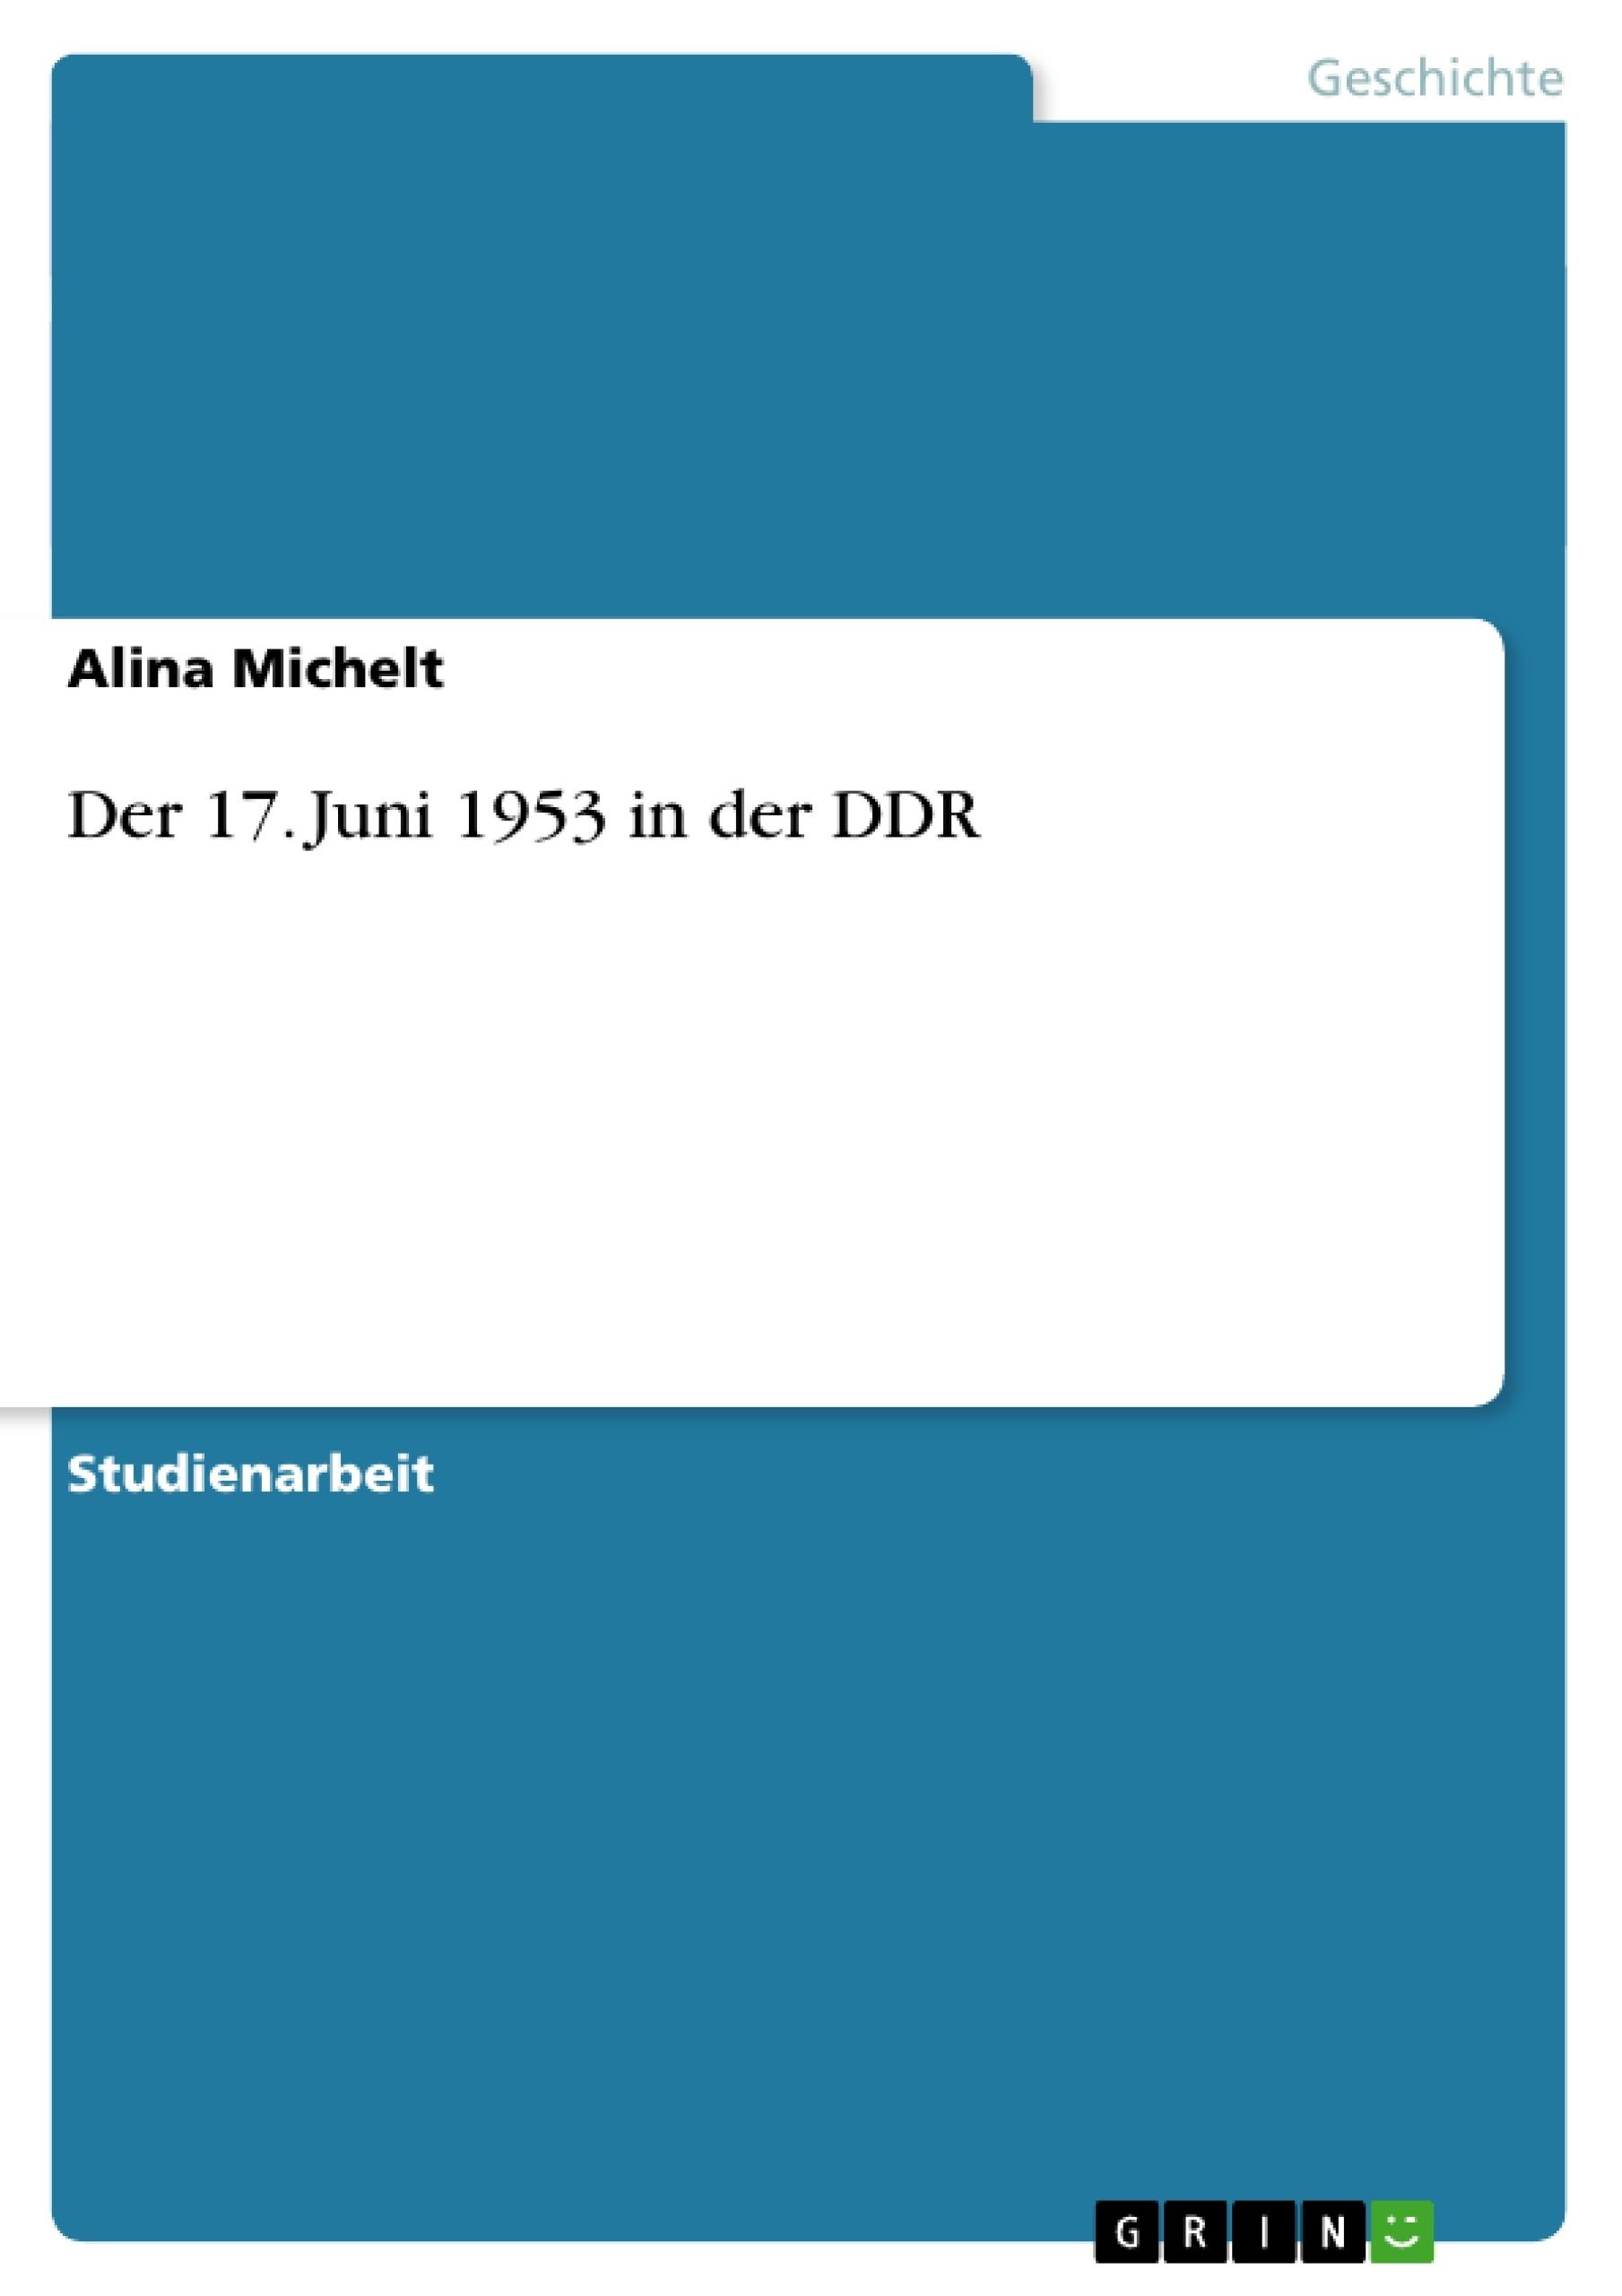 Titel: Der 17. Juni 1953 in der DDR